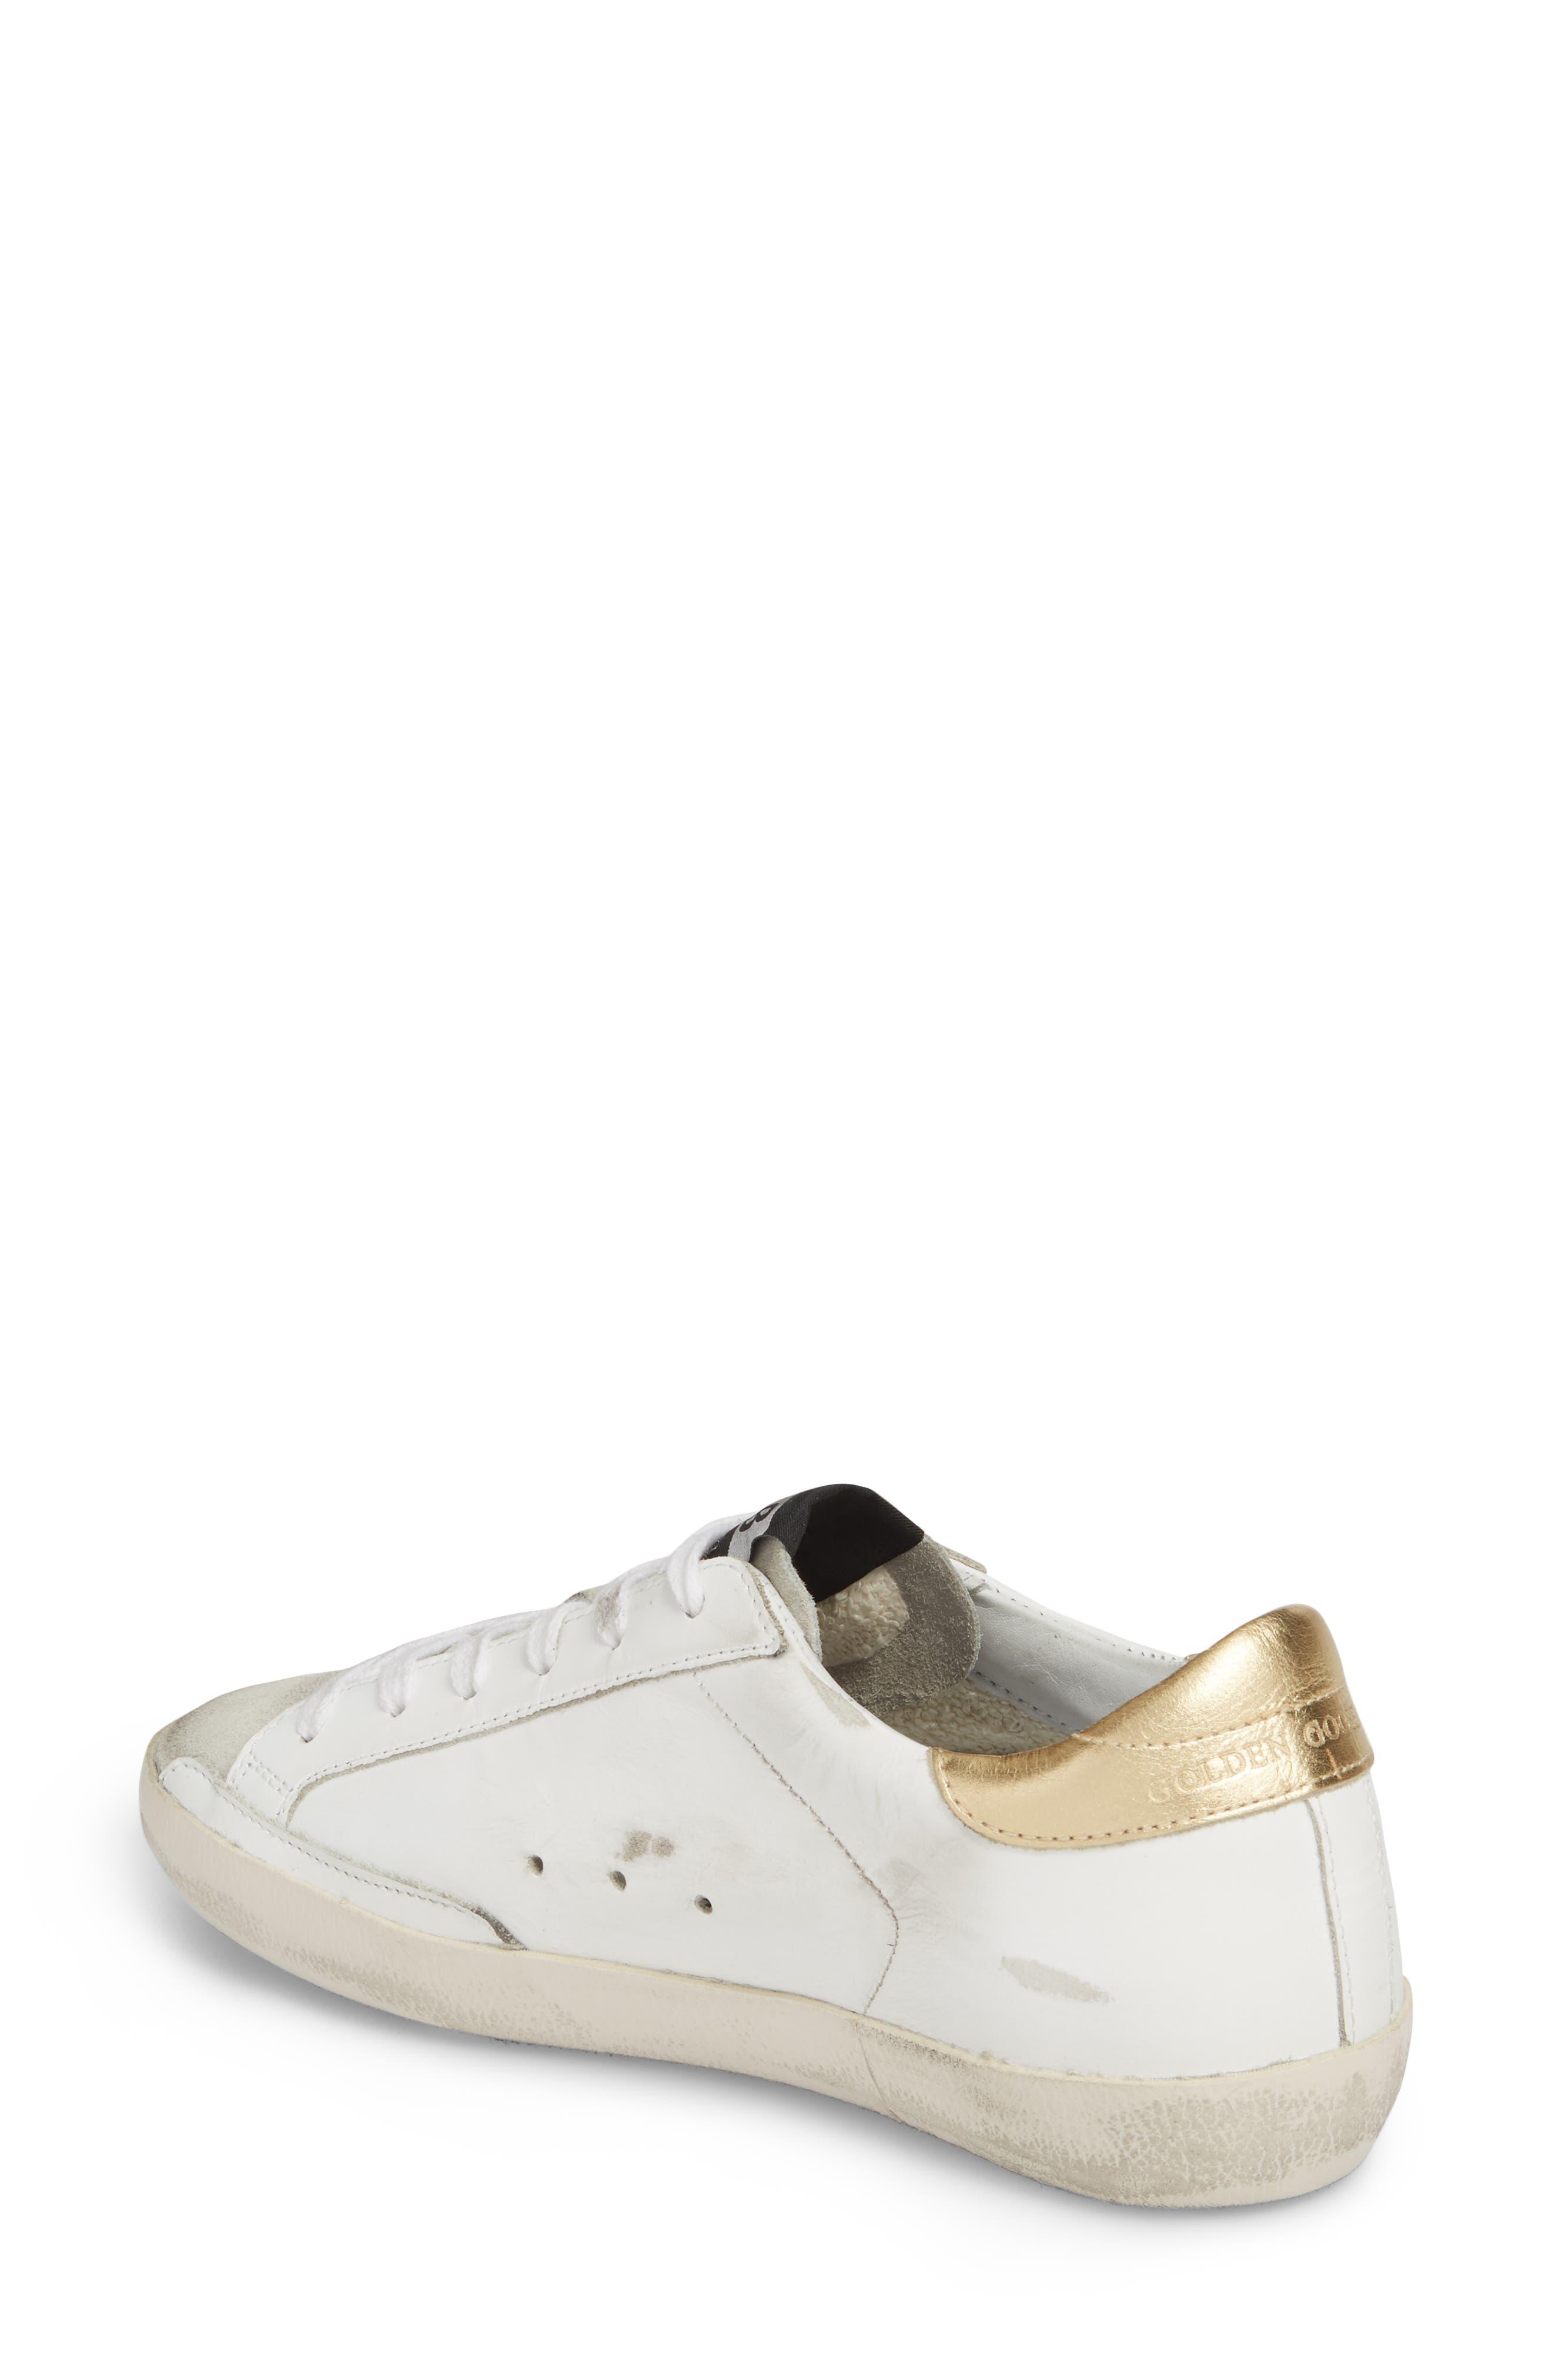 Alternate Image 2  - Golden Goose Superstar Low Top Sneaker (Women)